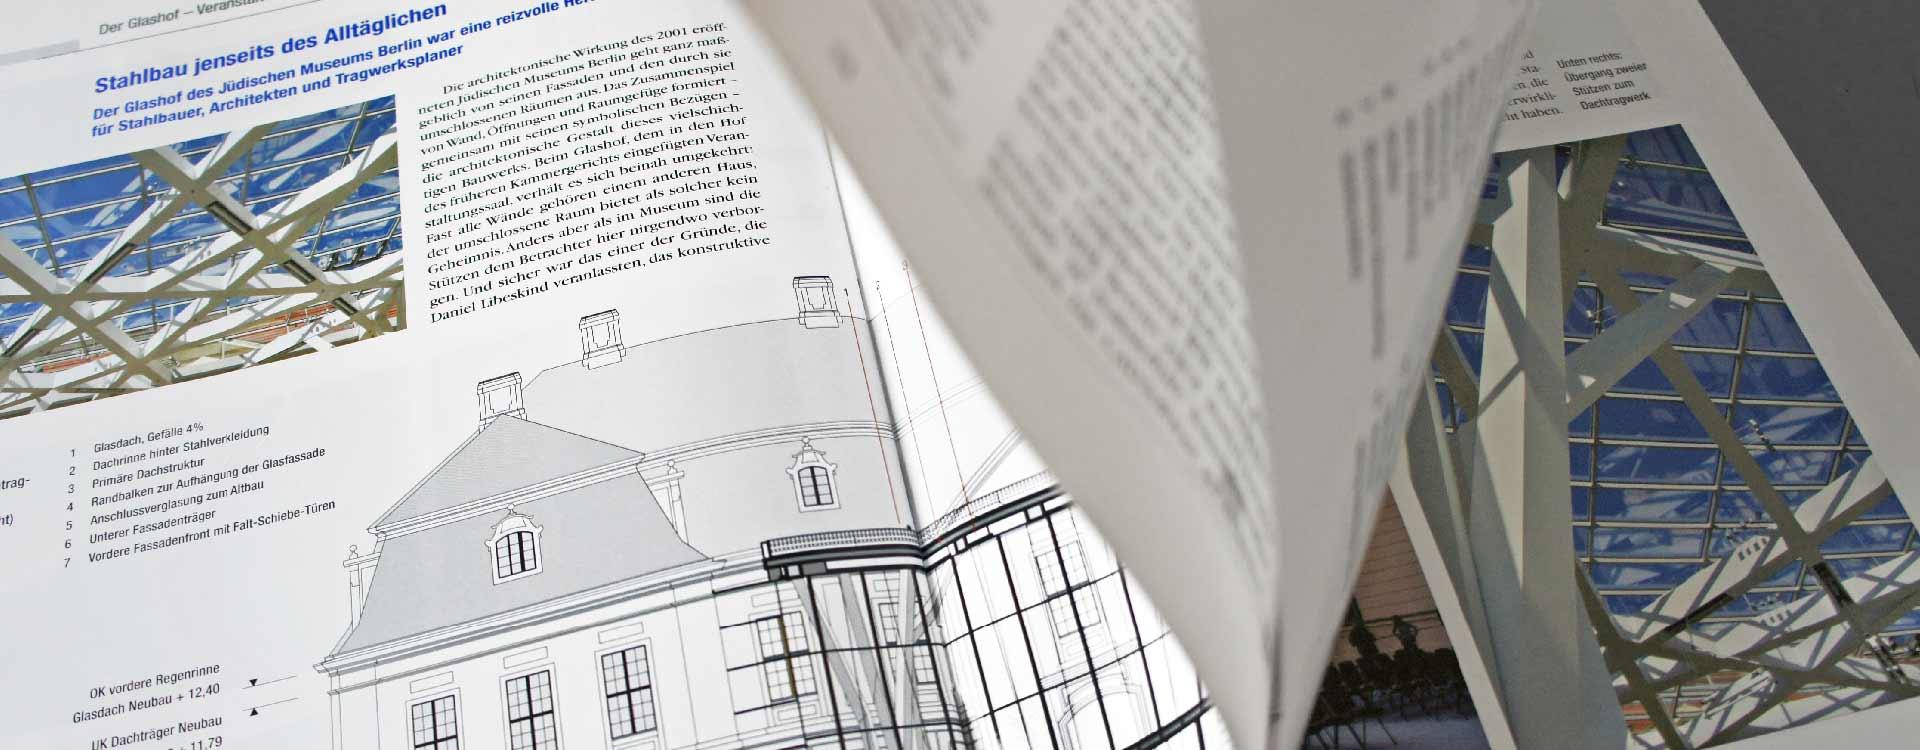 Brochure Der Glashof – Veranstaltungssaal für das Jüdische Museum Stahl-Informations-Zentrum; Design: Kattrin Richter | Graphic Design Studio